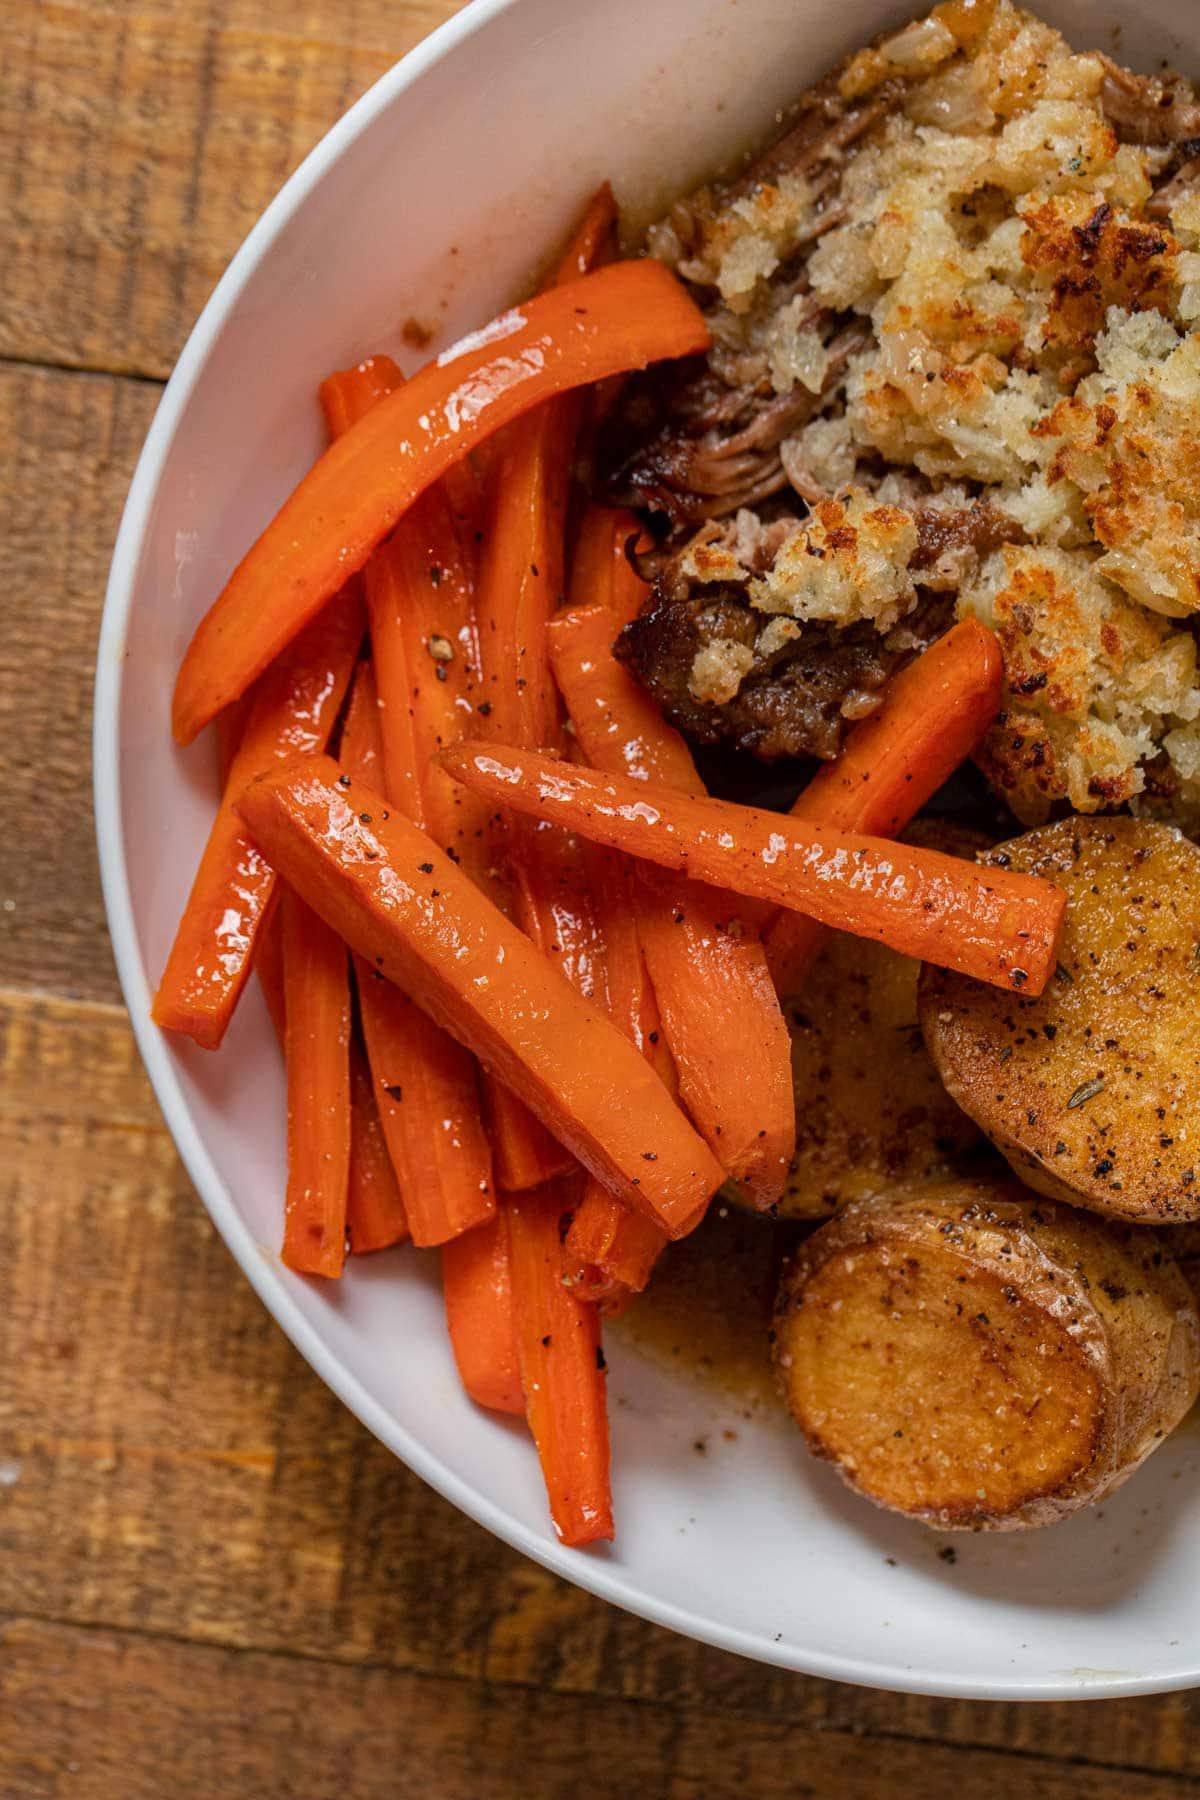 Honey Glazed Carrots on dinner plate